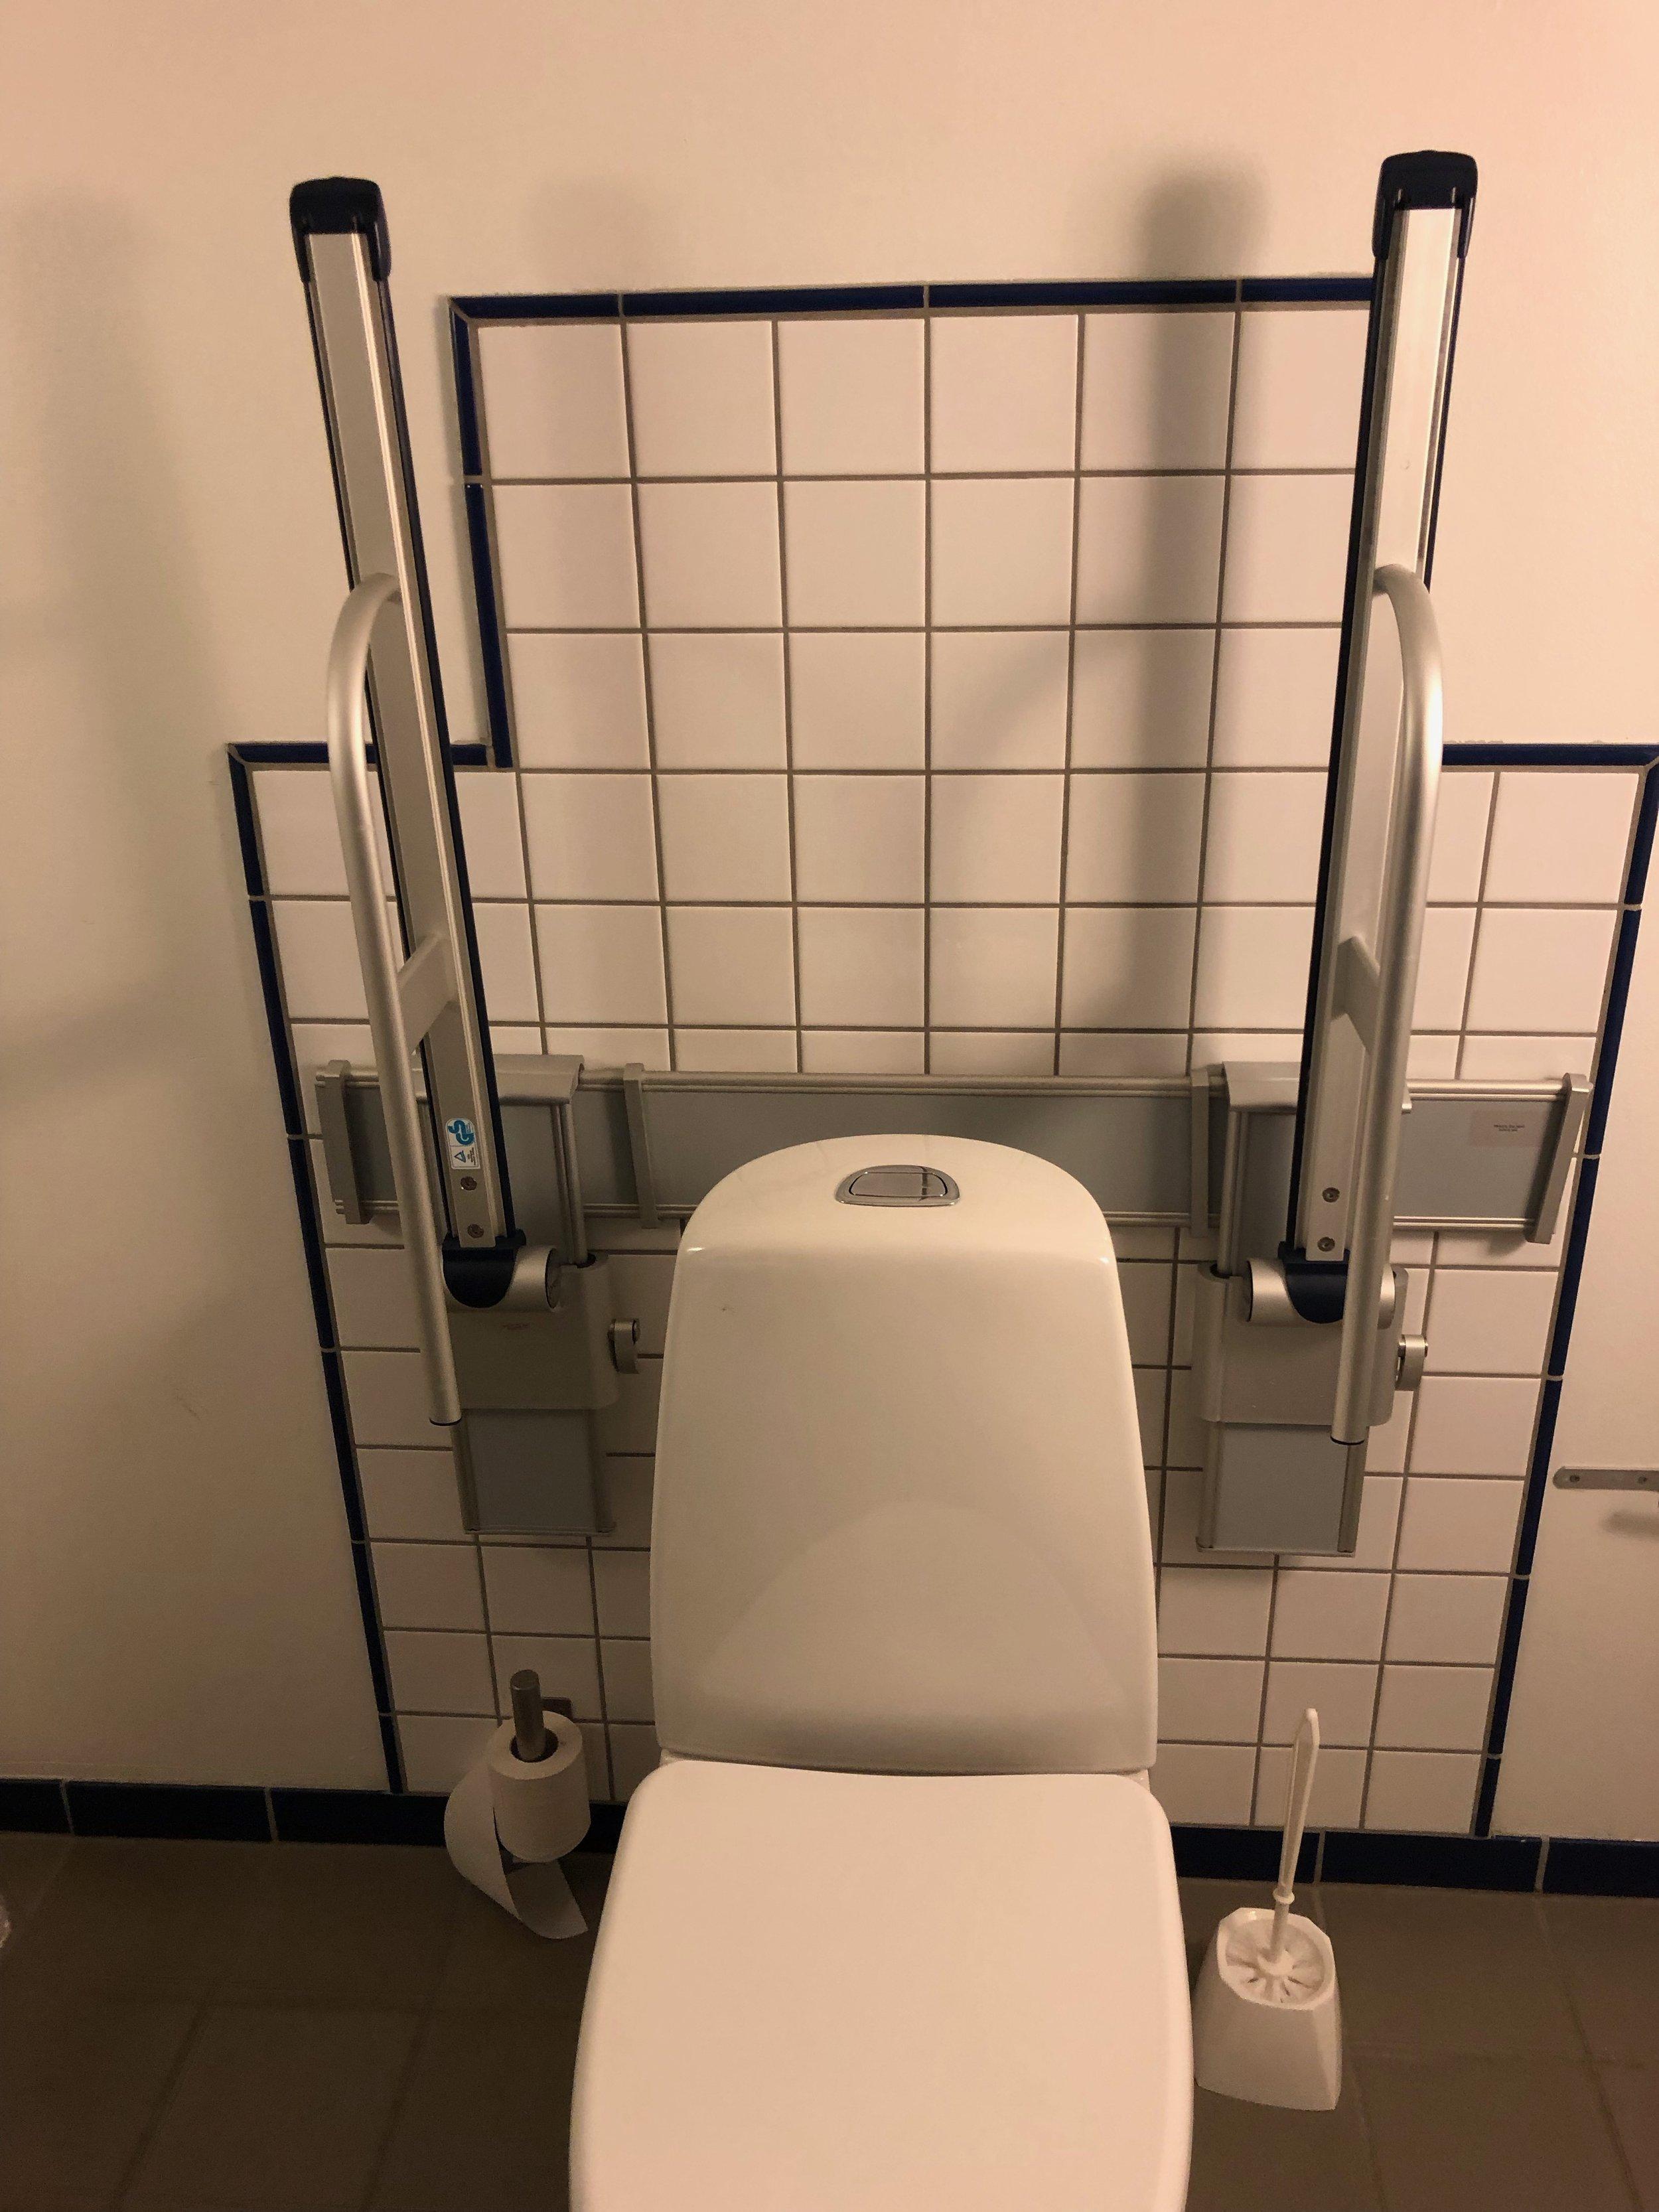 Adjustable toilet